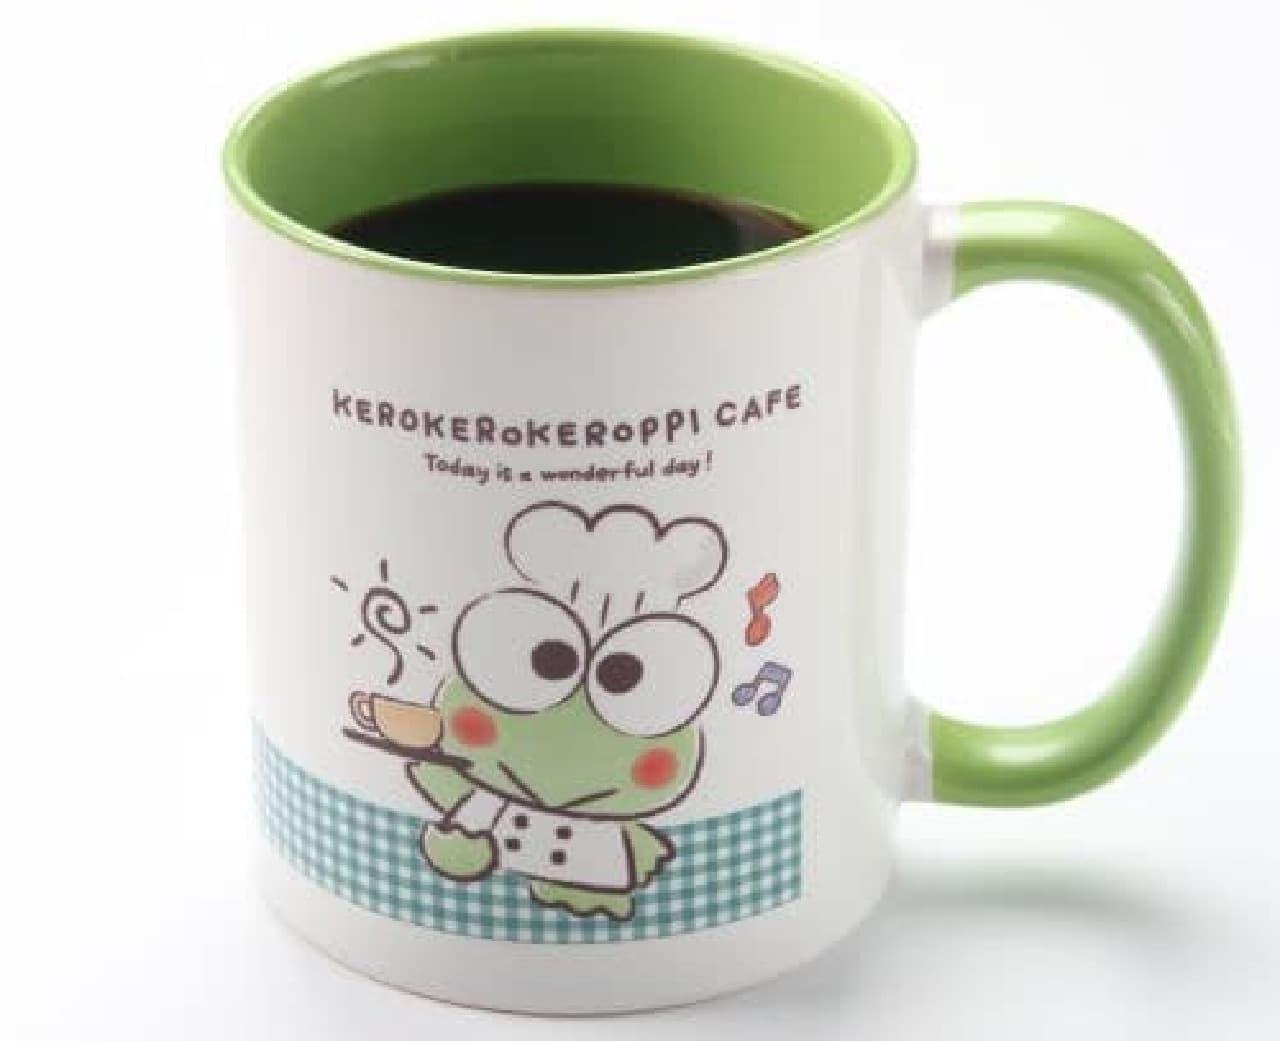 「けろけろけろっぴカフェ限定 デザインマグカップ付ドリンク」は、マグカップ付きのドリンク。